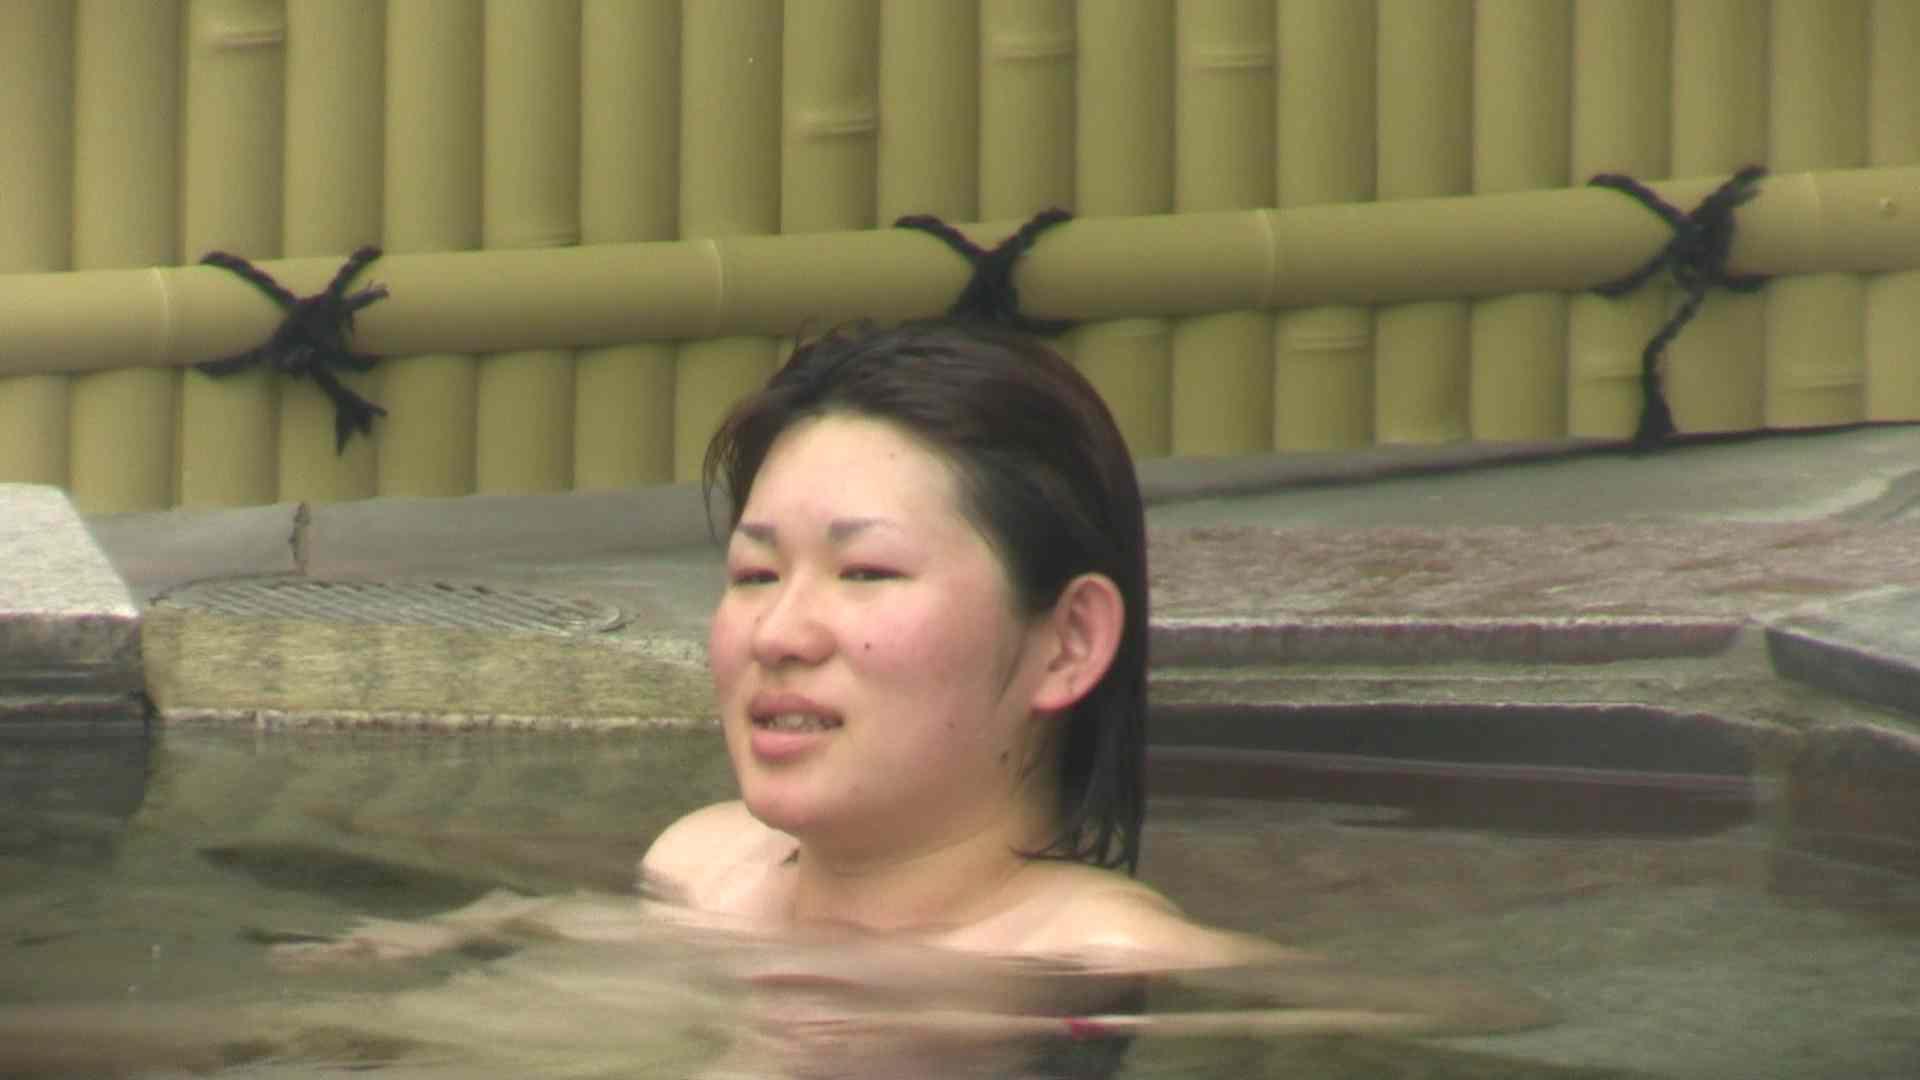 Aquaな露天風呂Vol.673 美しいOLの裸体   盗撮師作品  99pic 52